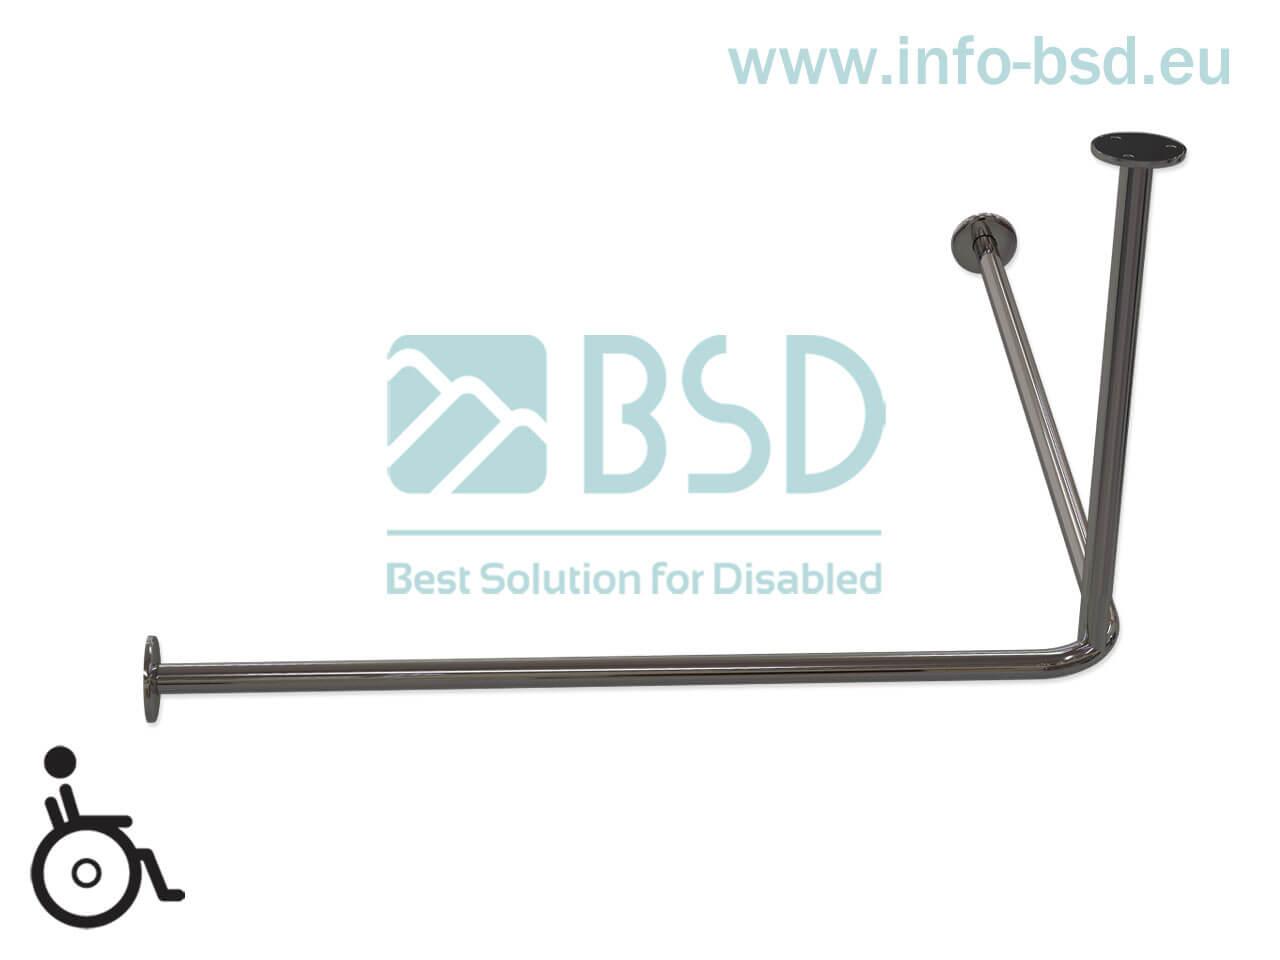 Drążek zasłony prysznicowej dla niepełnosprawnych z podwieszeniem sufitowym stal nierdzewna80x80cm 90x90cm DR25 BSD